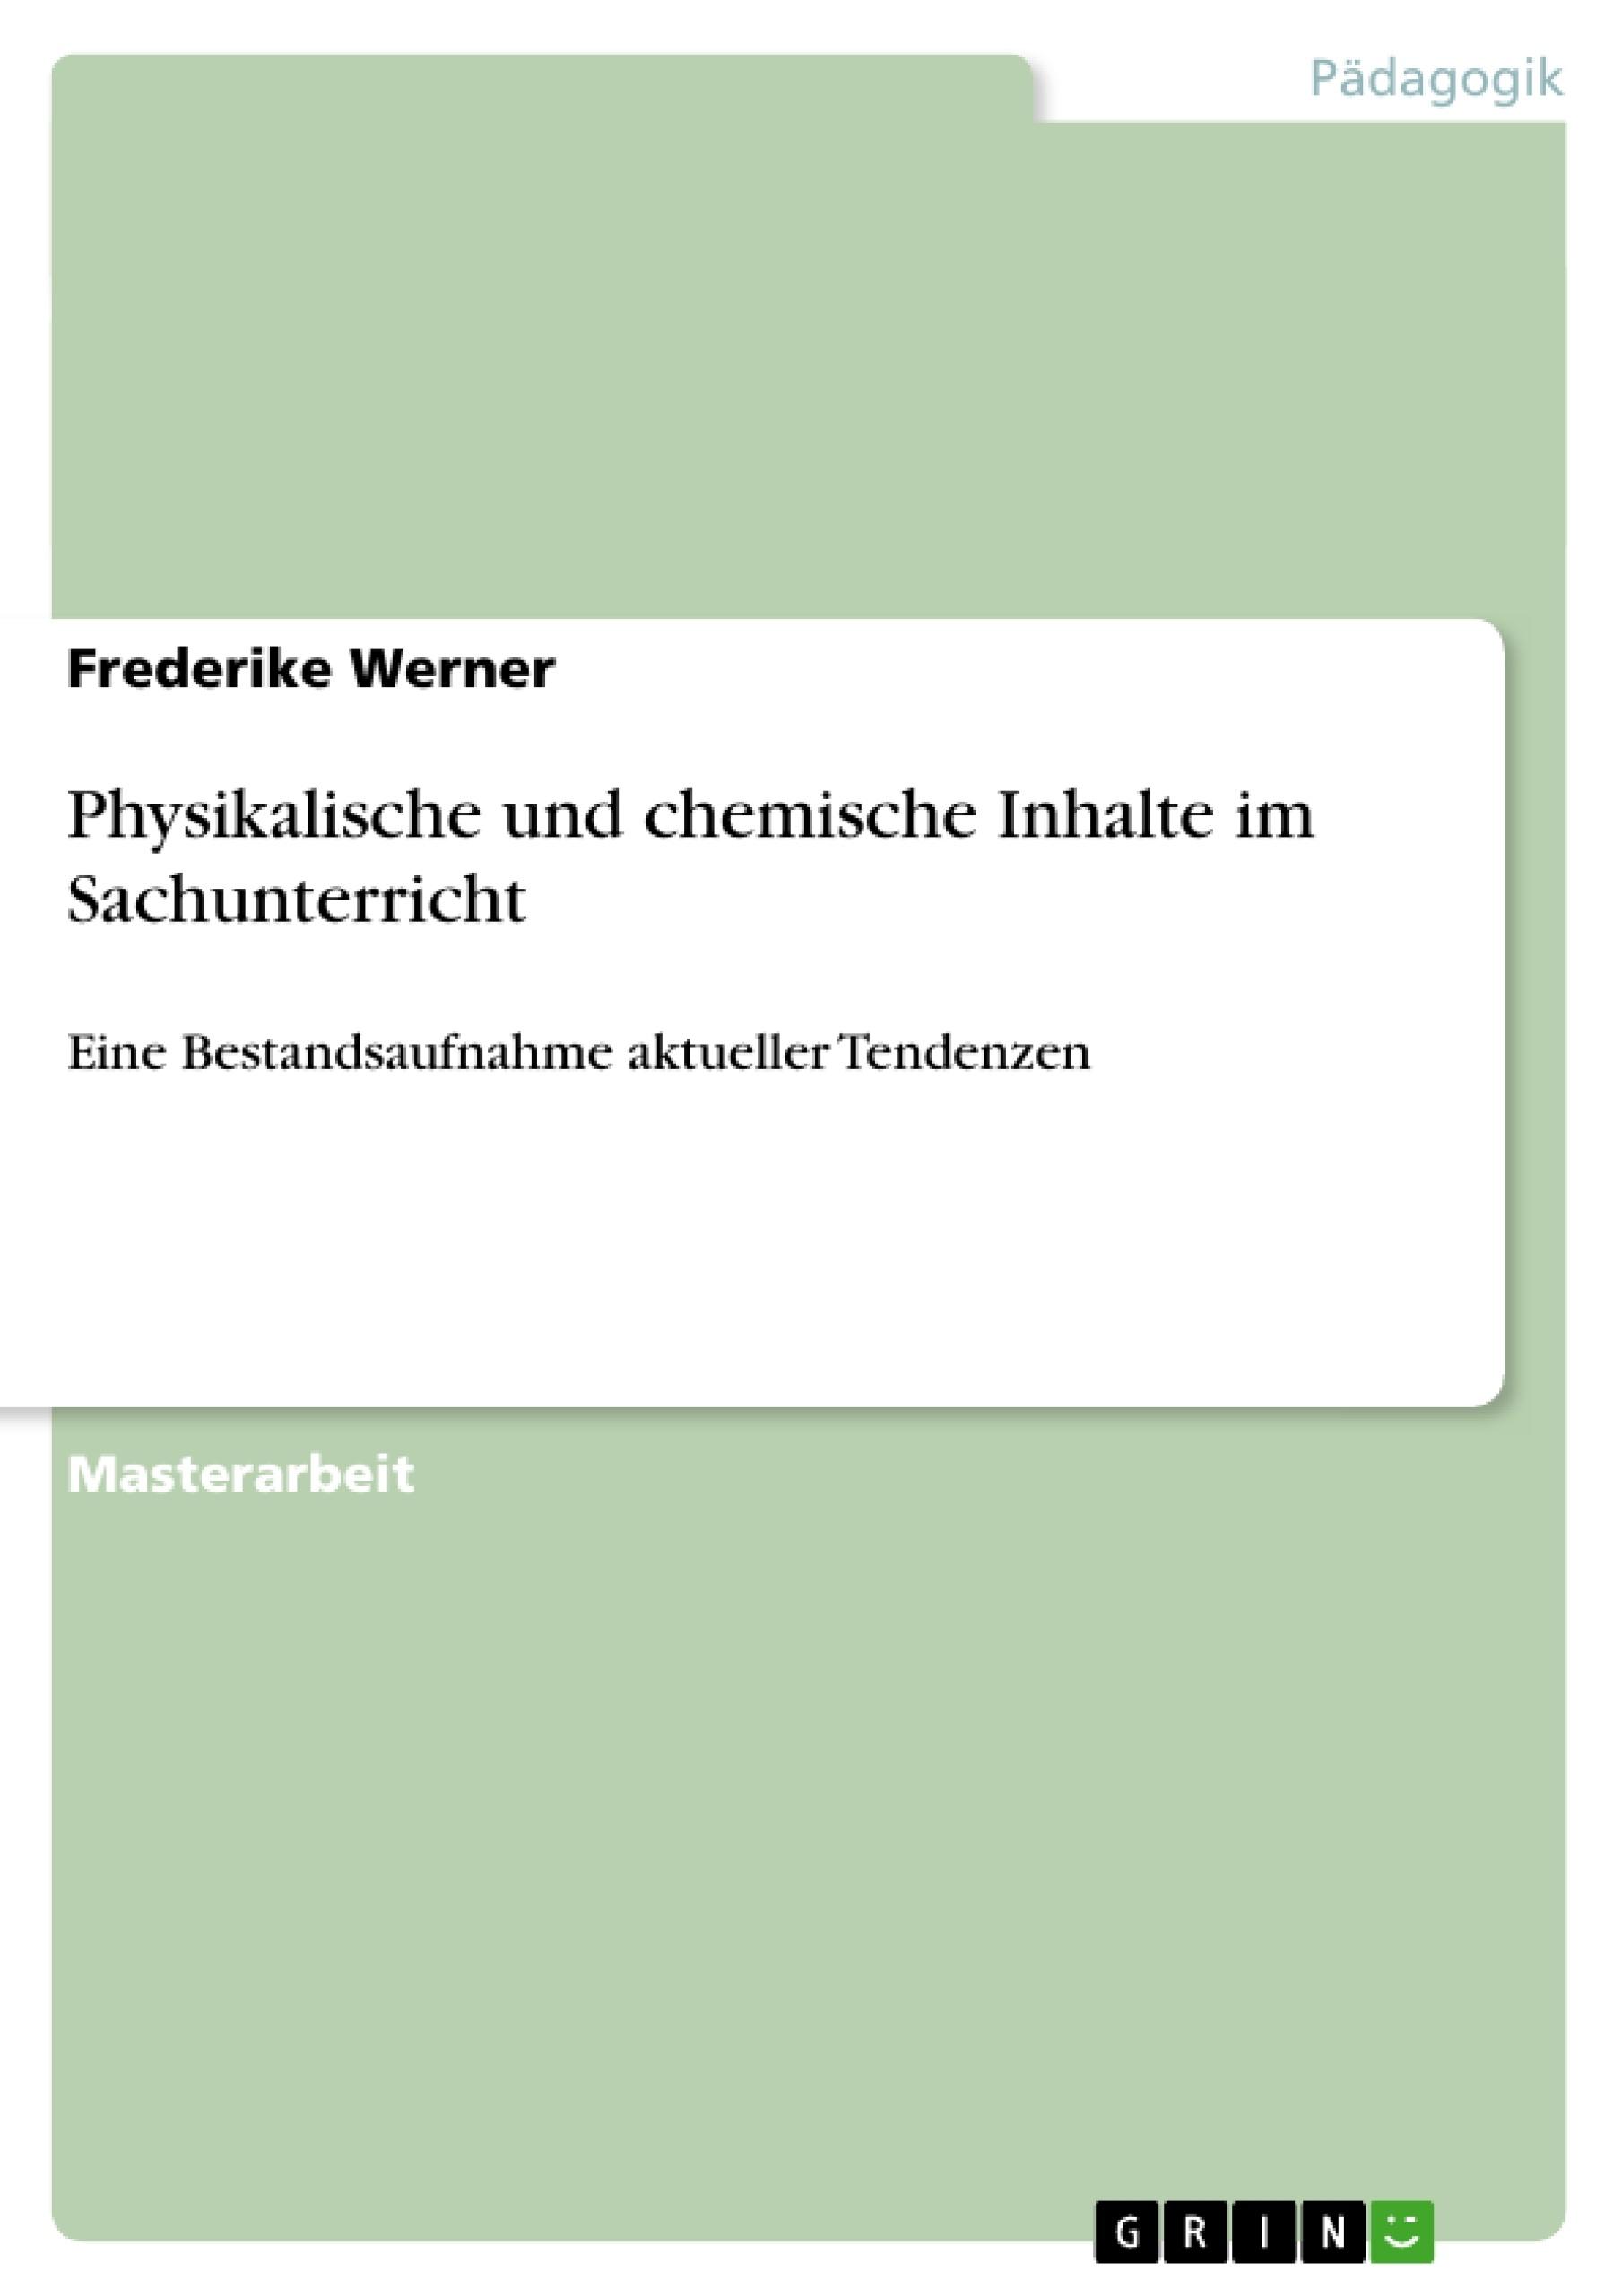 Titel: Physikalische und chemische Inhalte im Sachunterricht